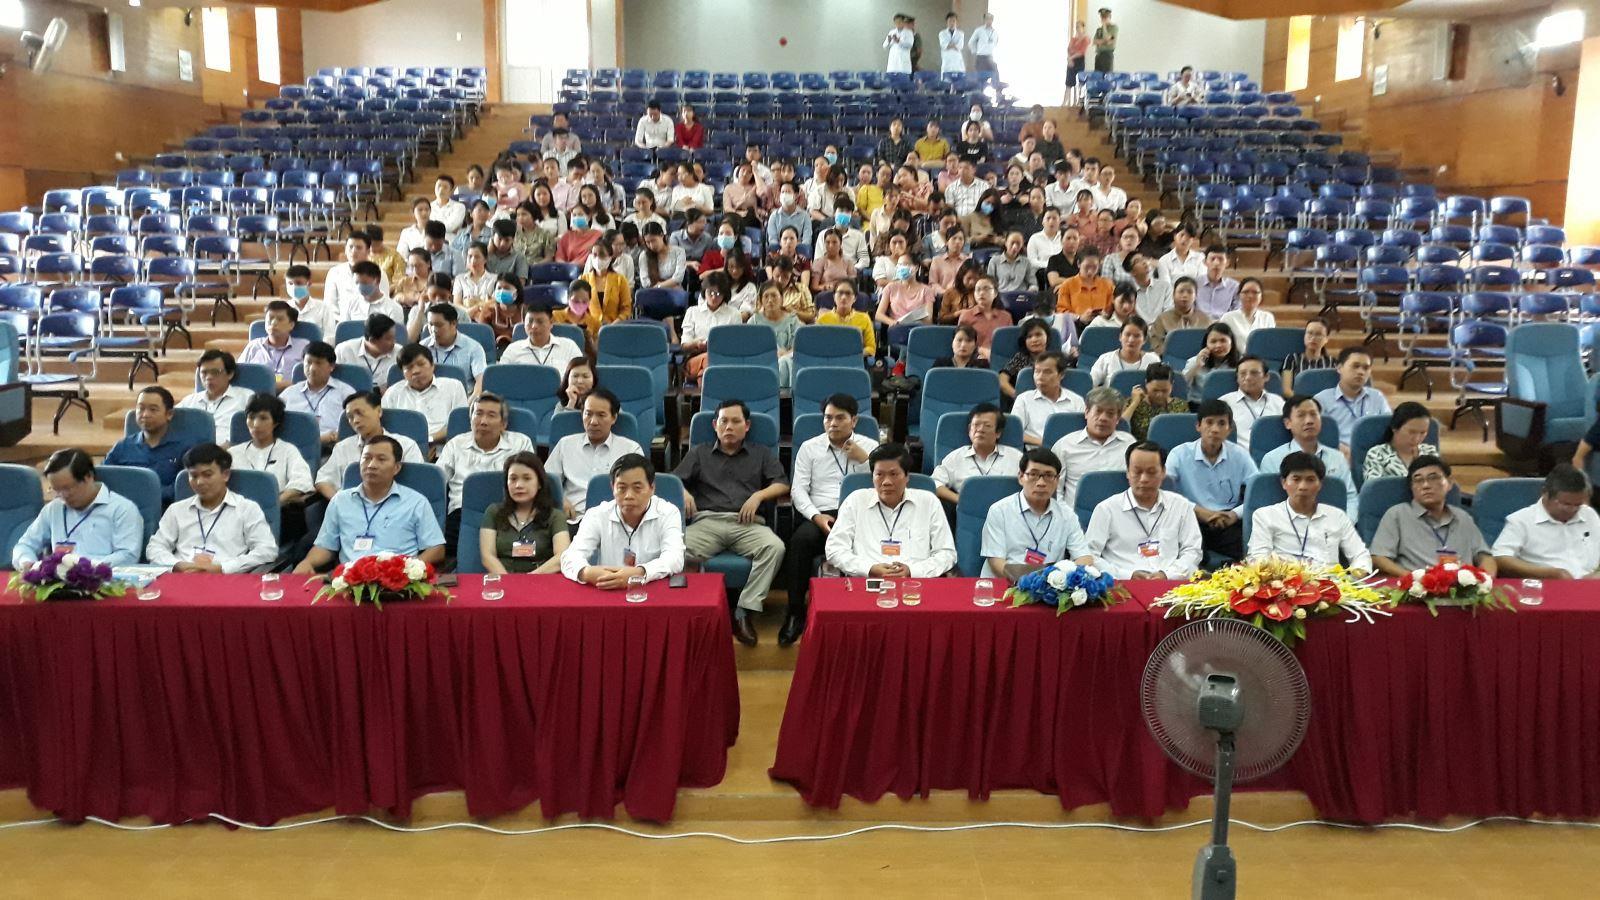 195 thí sinh tham dự kỳ thi công chức, viên chức tỉnh Quảng Trị lần thứ IV